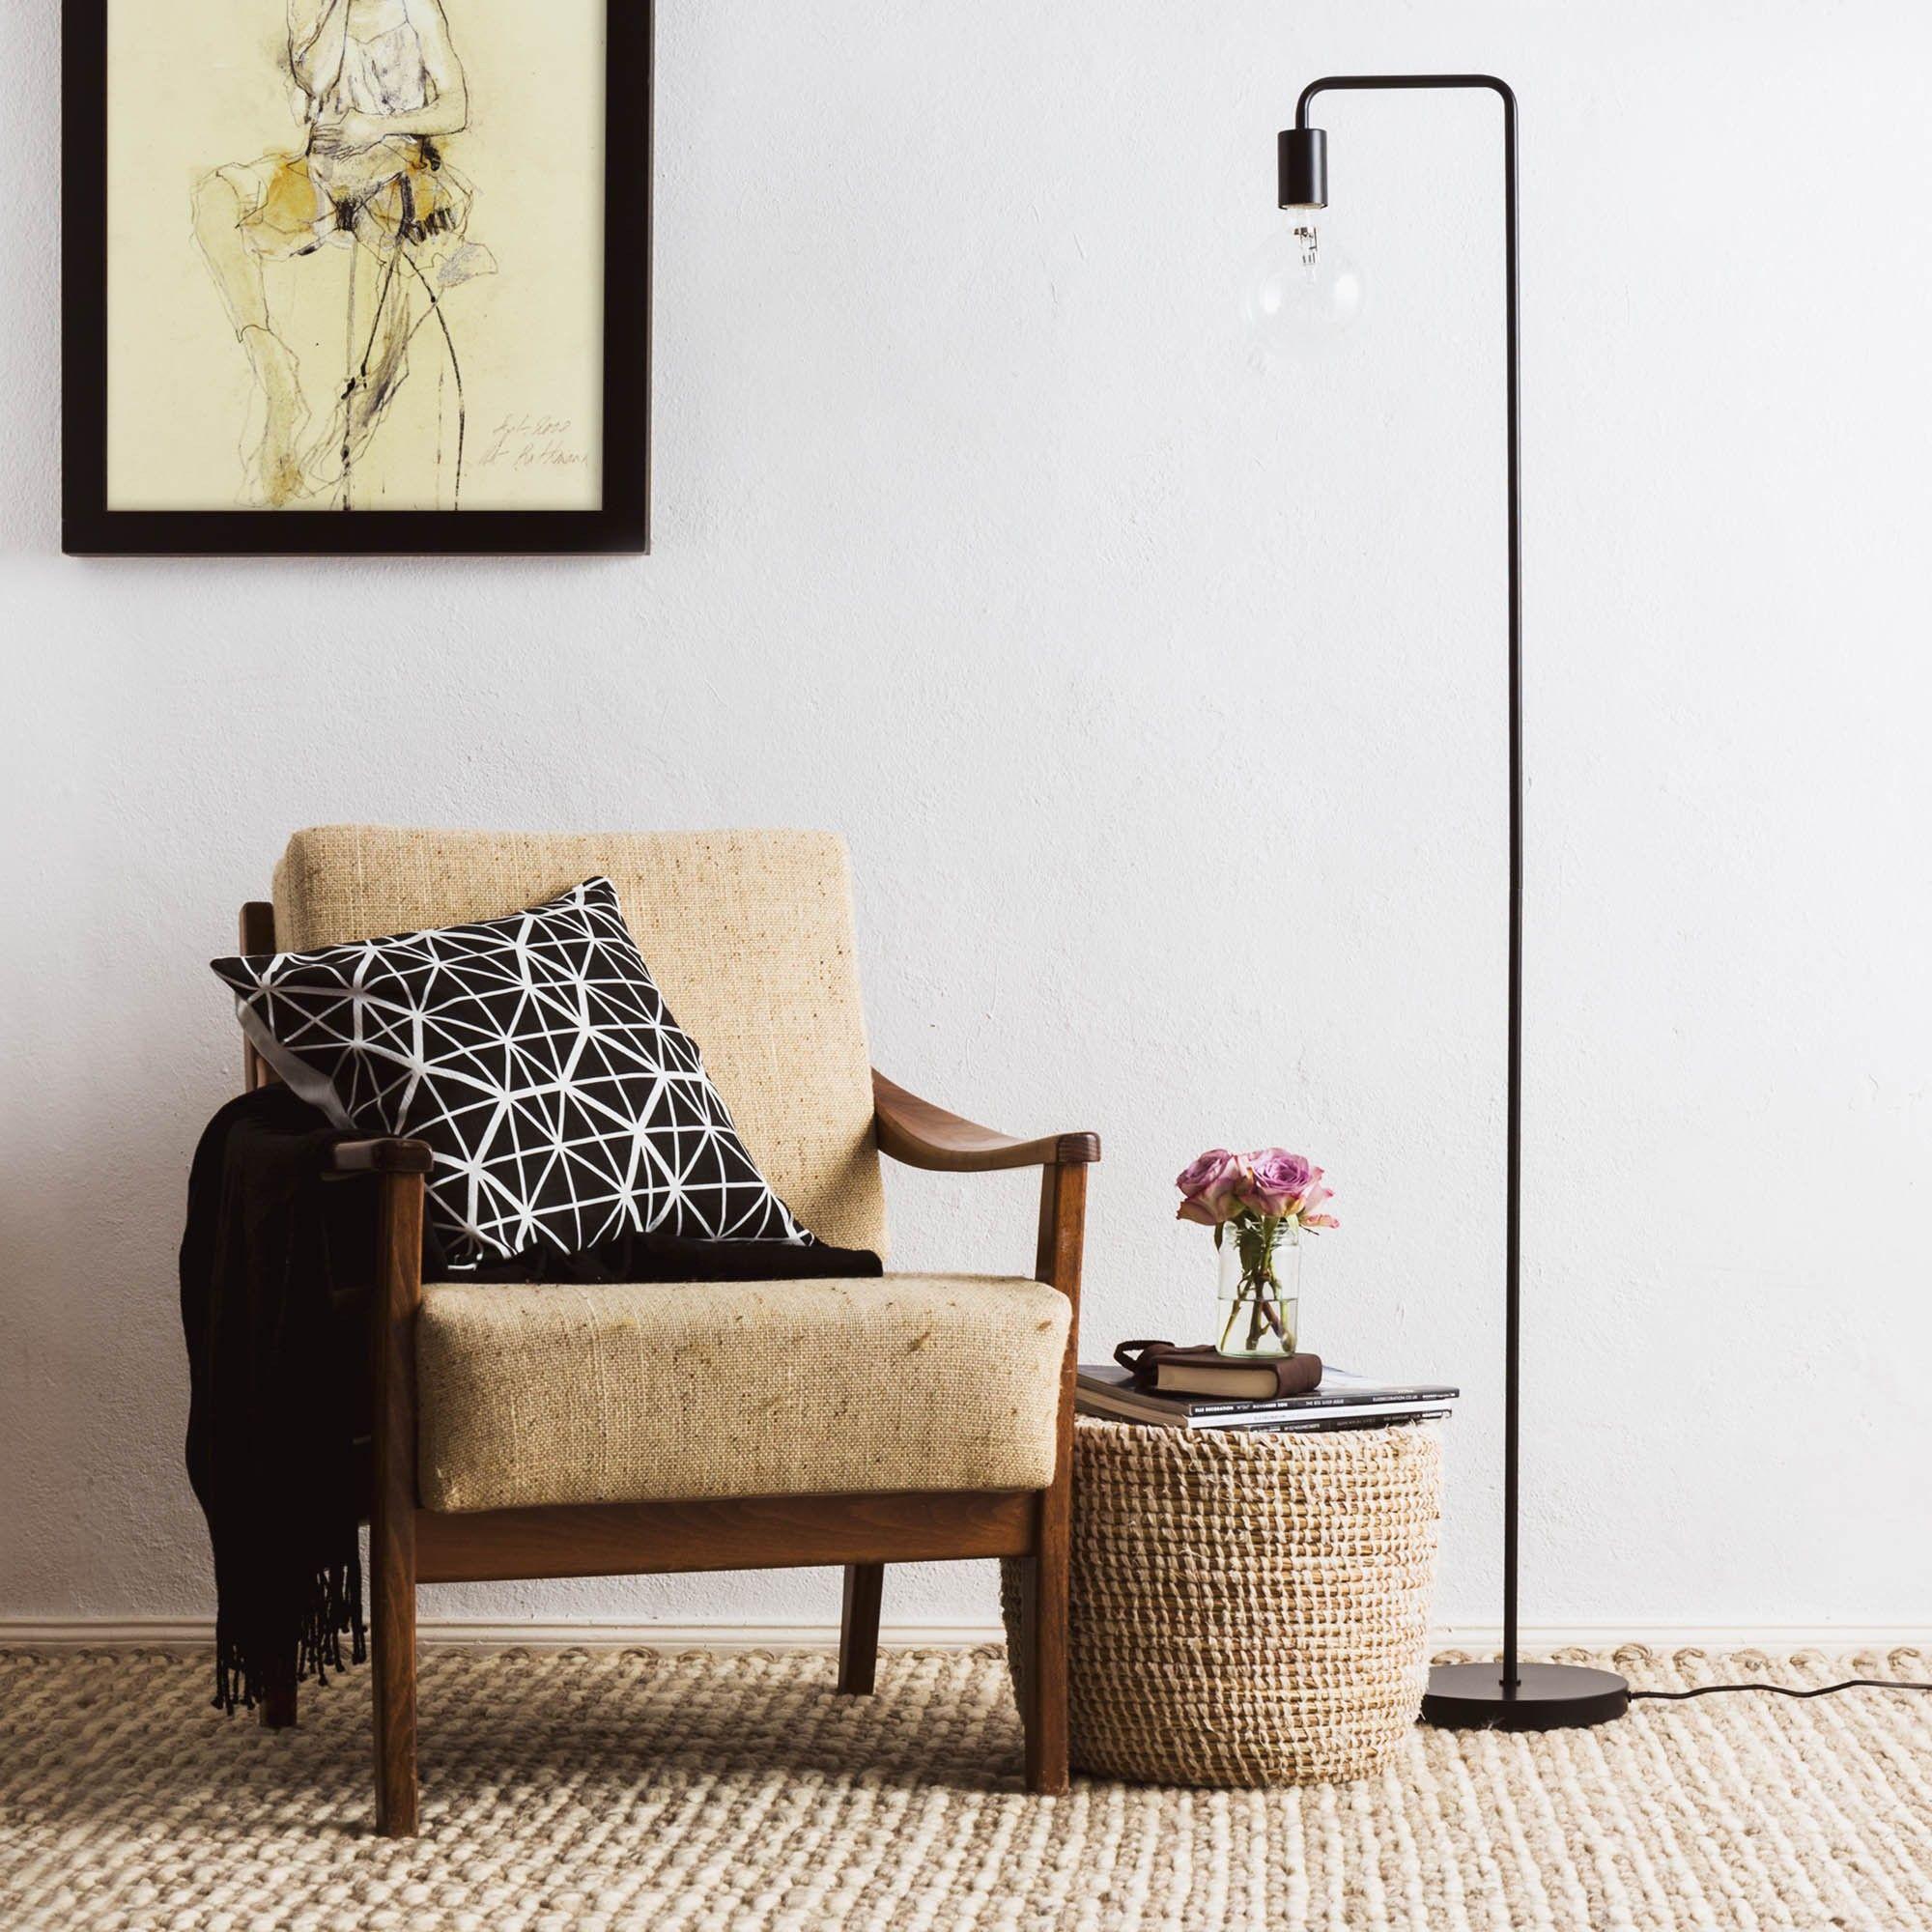 Luxury F r unsere Stehlampe Vida wird eleganter Edelstahl in d nischem Design verarbeitet Die puristische Form der